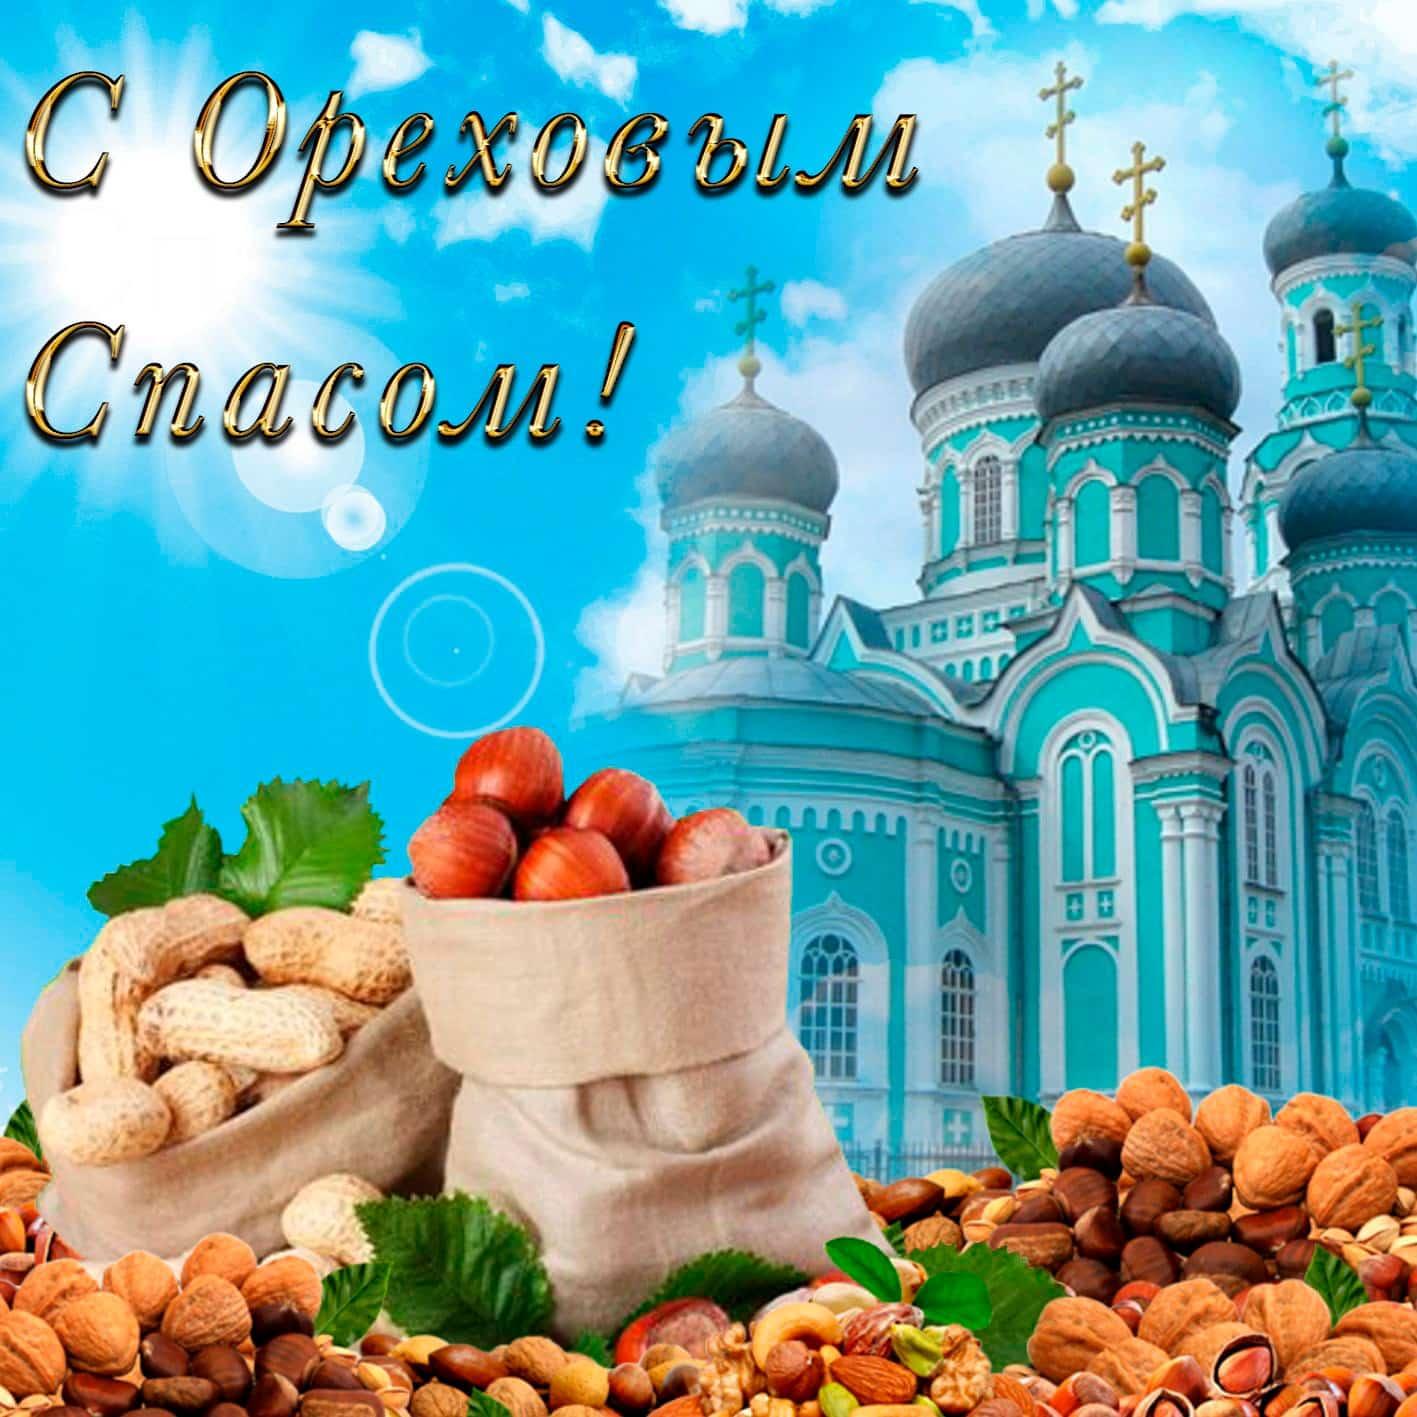 Какой церковный праздник сегодня 29 августа 2020 чтят православные: Ореховый Спас отмечают 29.08.2020